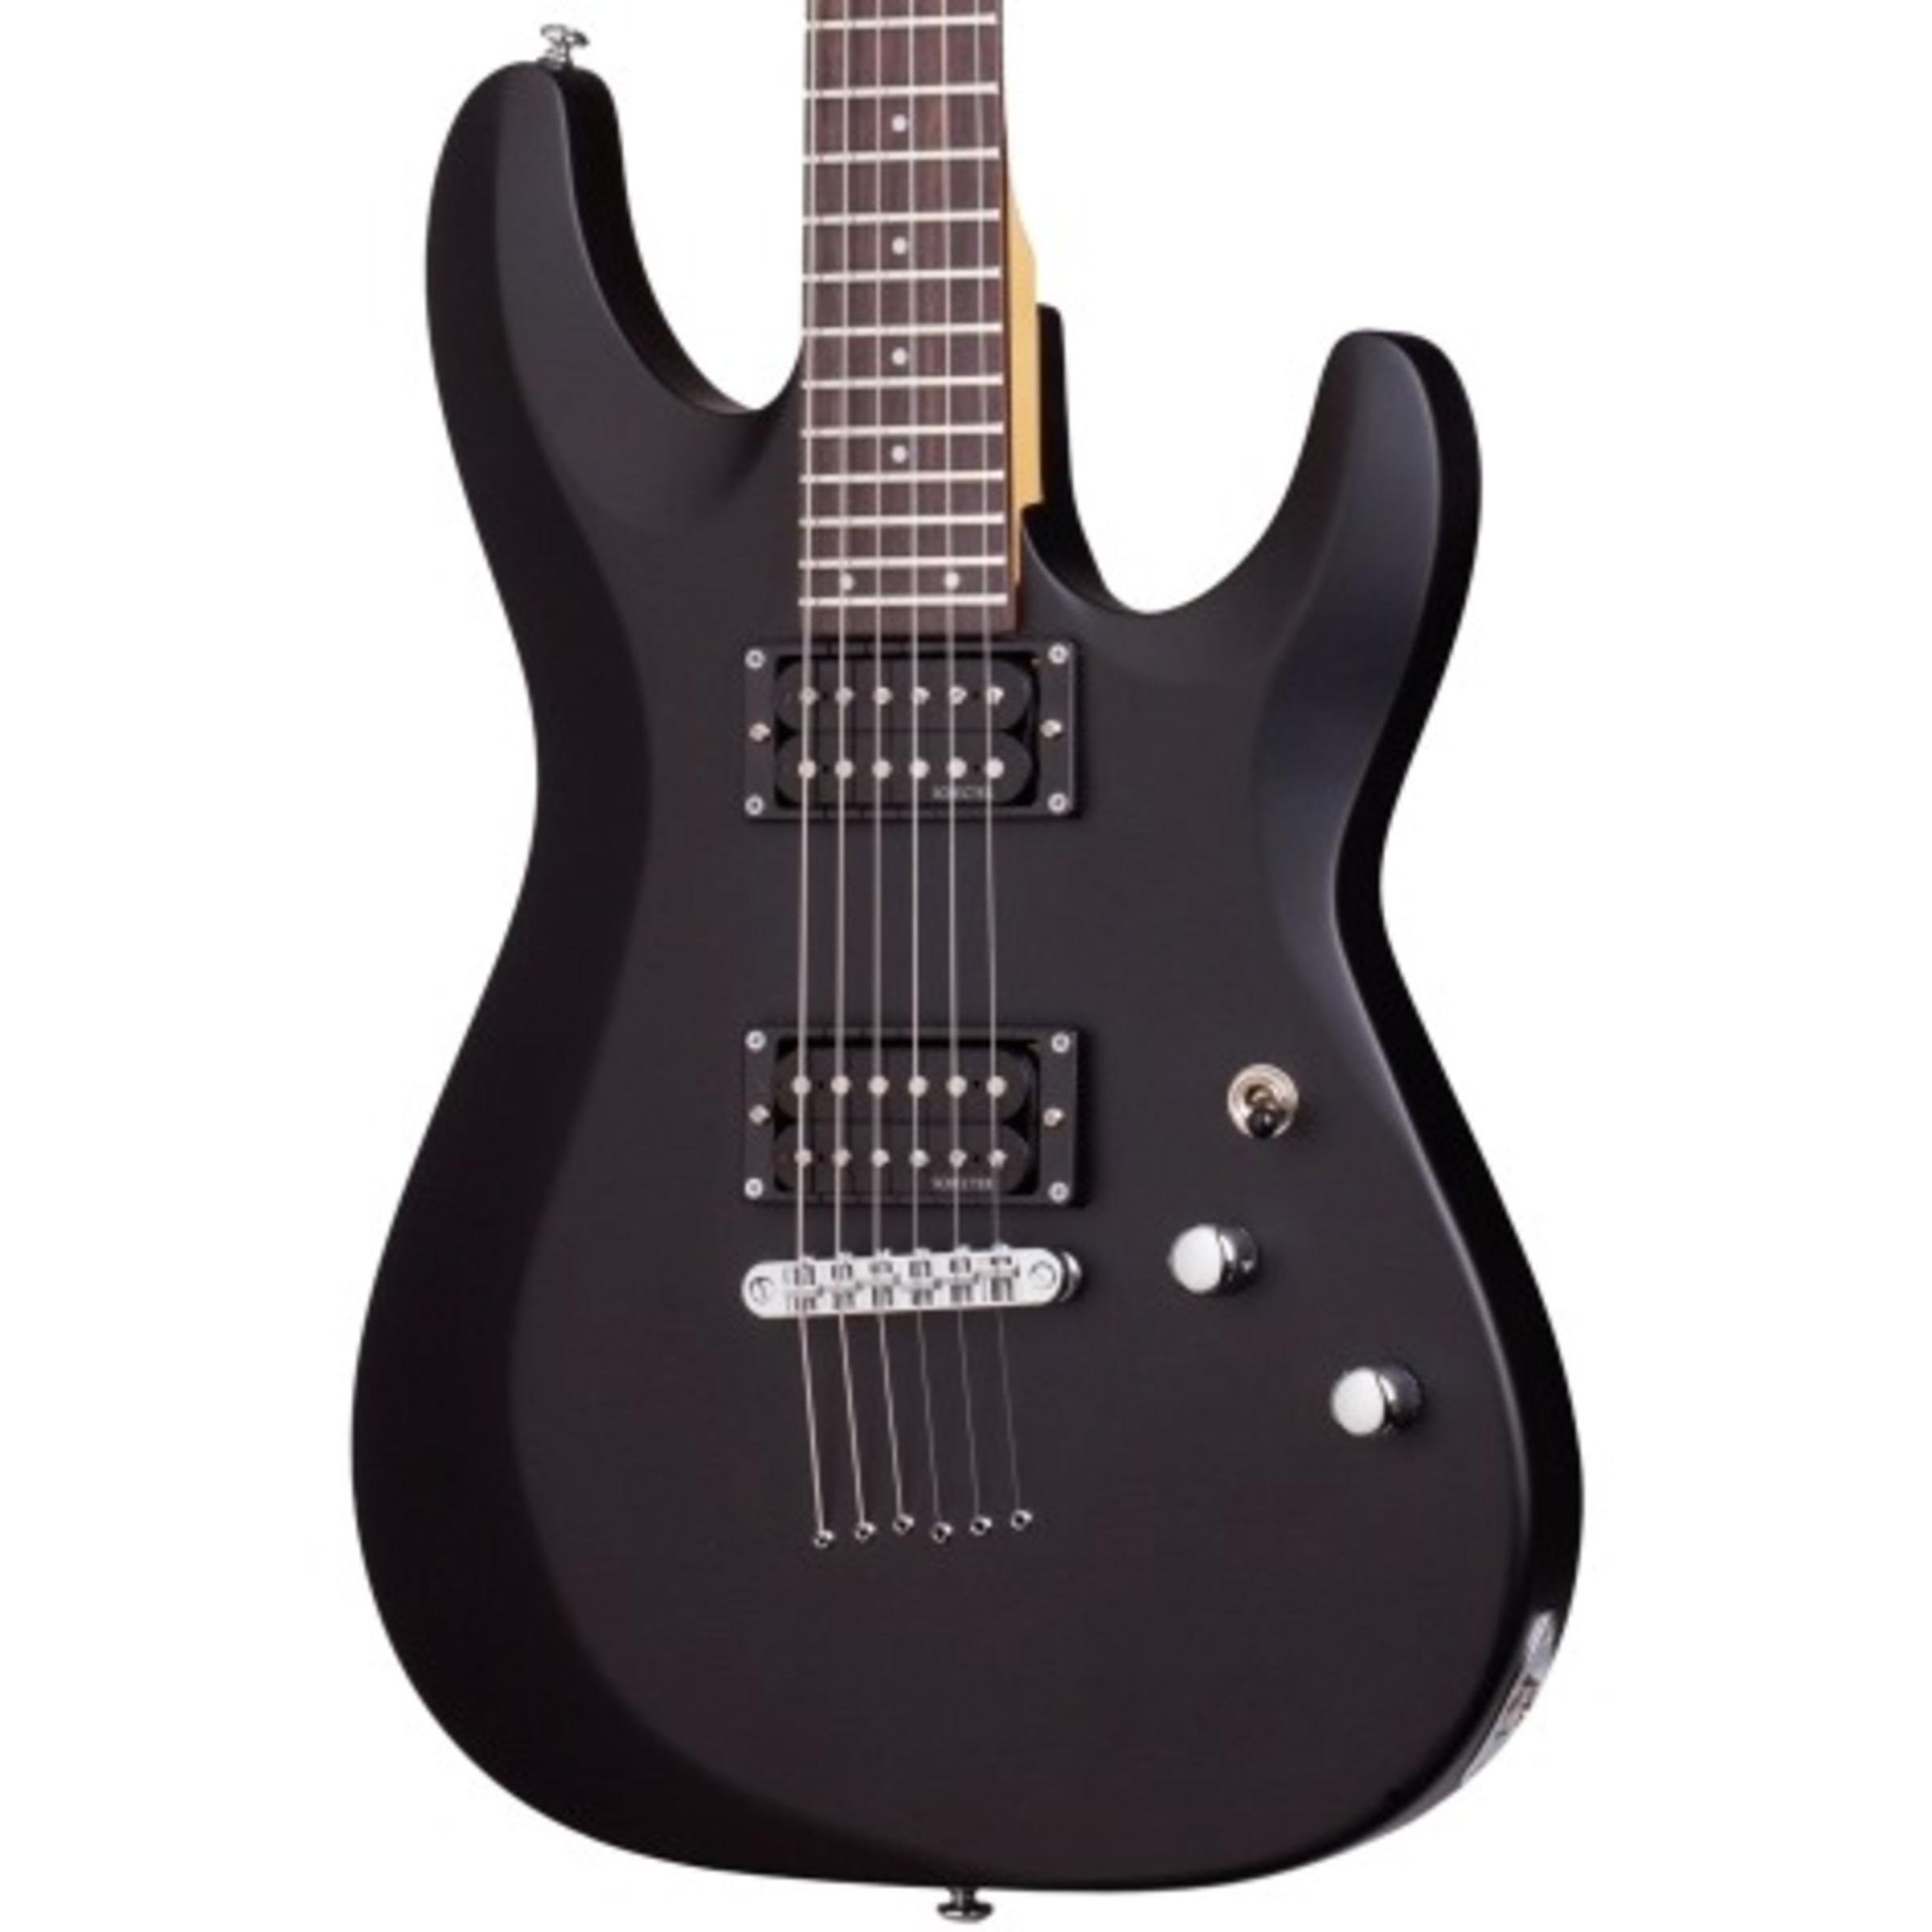 Buy Electric Guitar Online Uk : schecter c6 deluxe electric guitar satin black giggear ~ Vivirlamusica.com Haus und Dekorationen